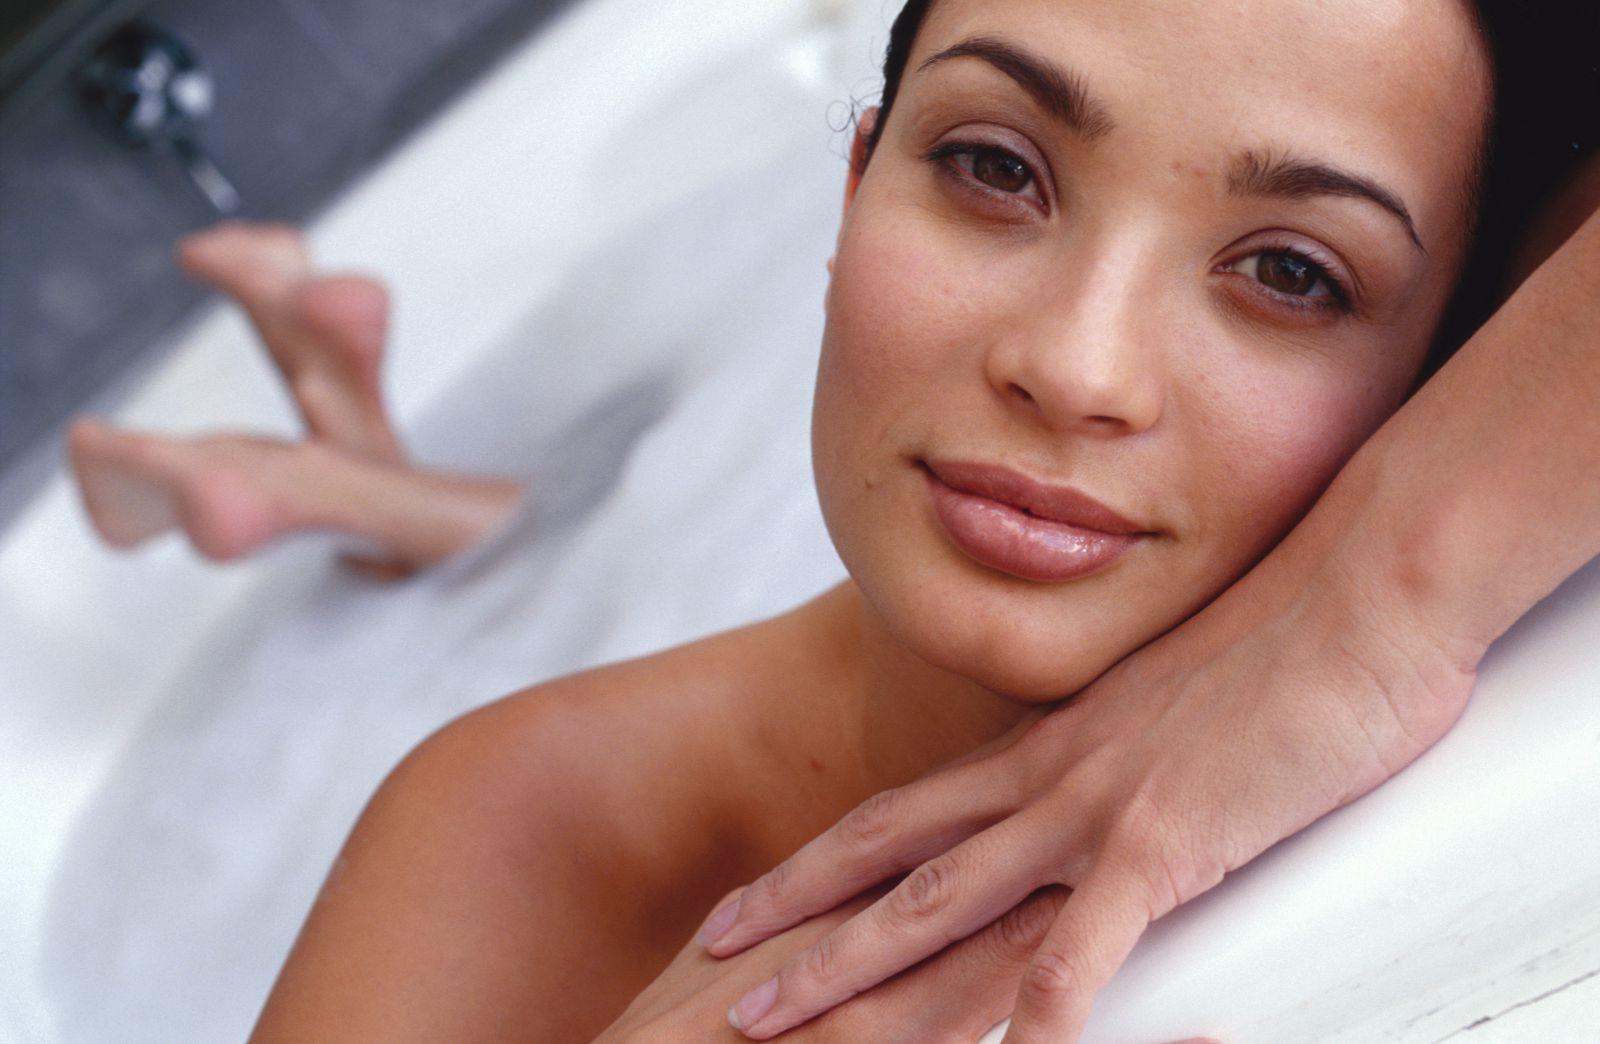 Что делают женщины в ванной видео смотреть онлайн фото 616-864